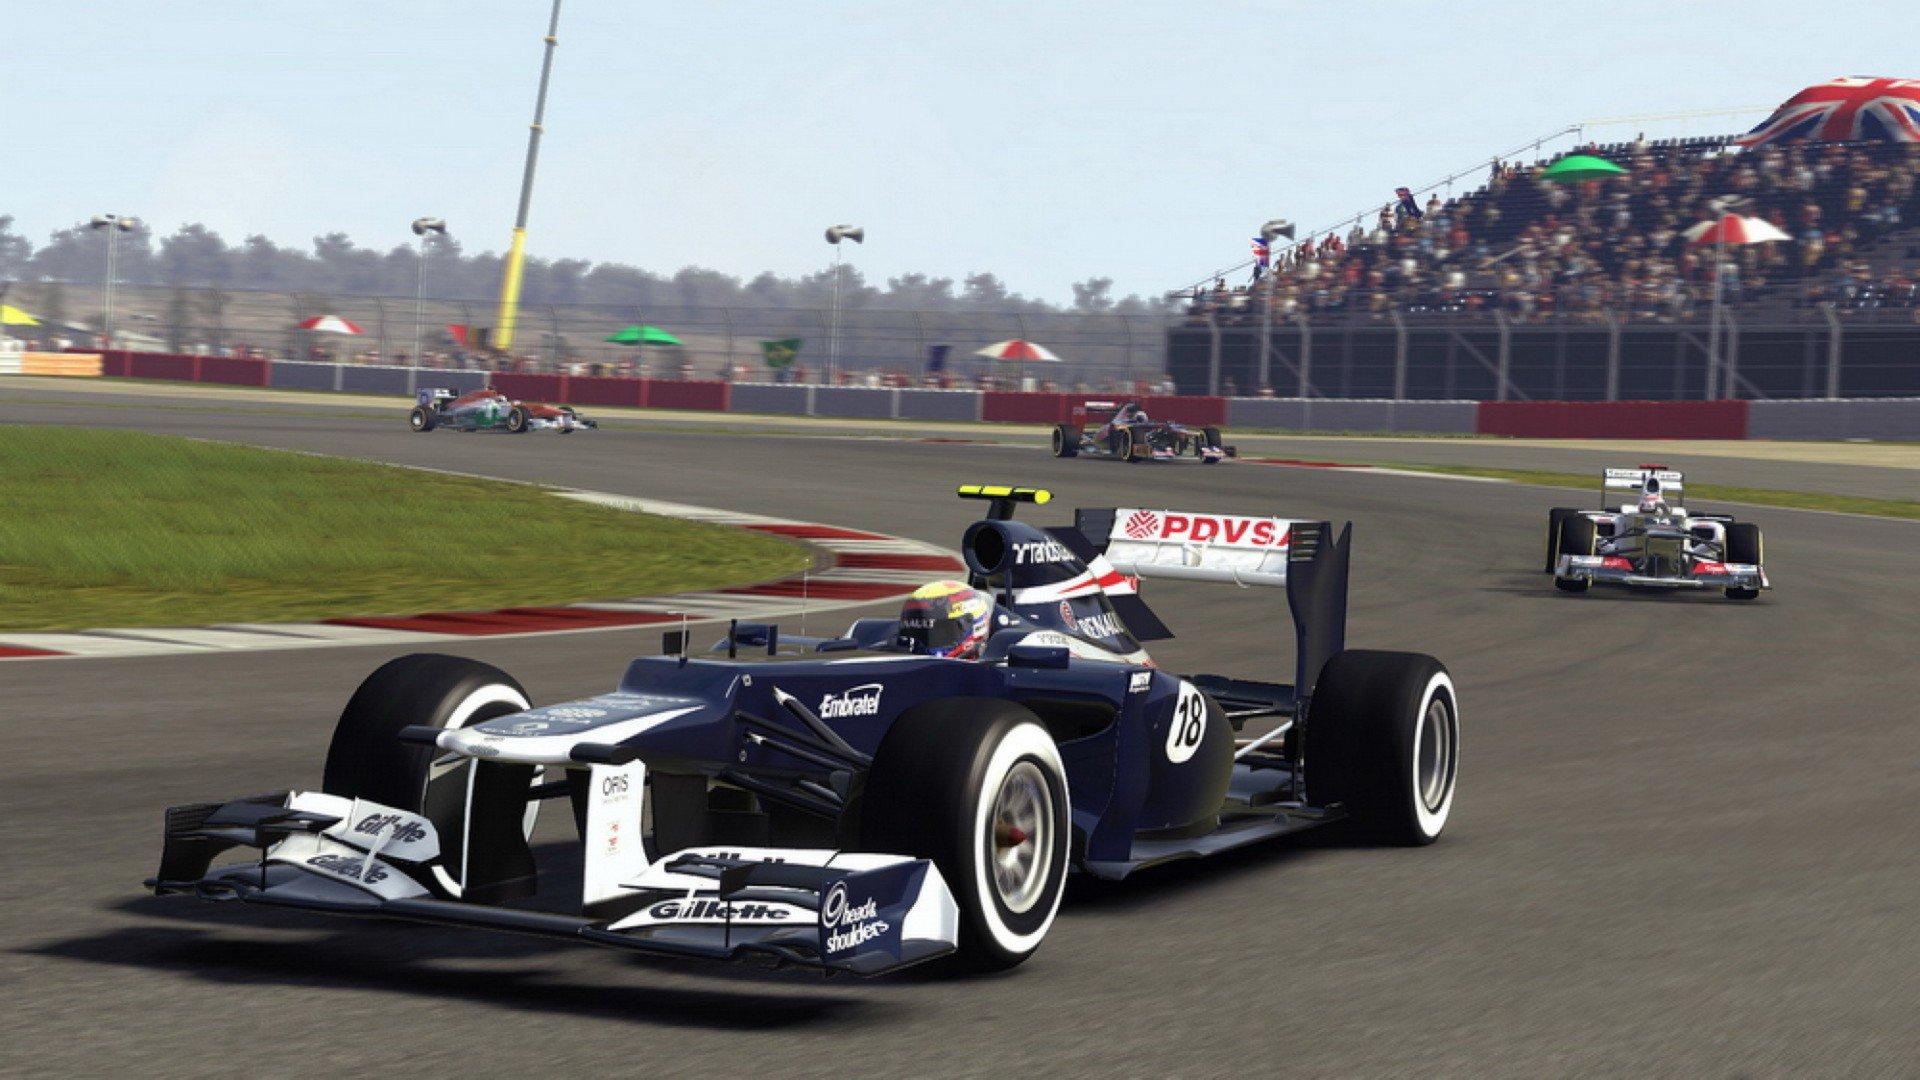 Formula 1, F1 2012 6